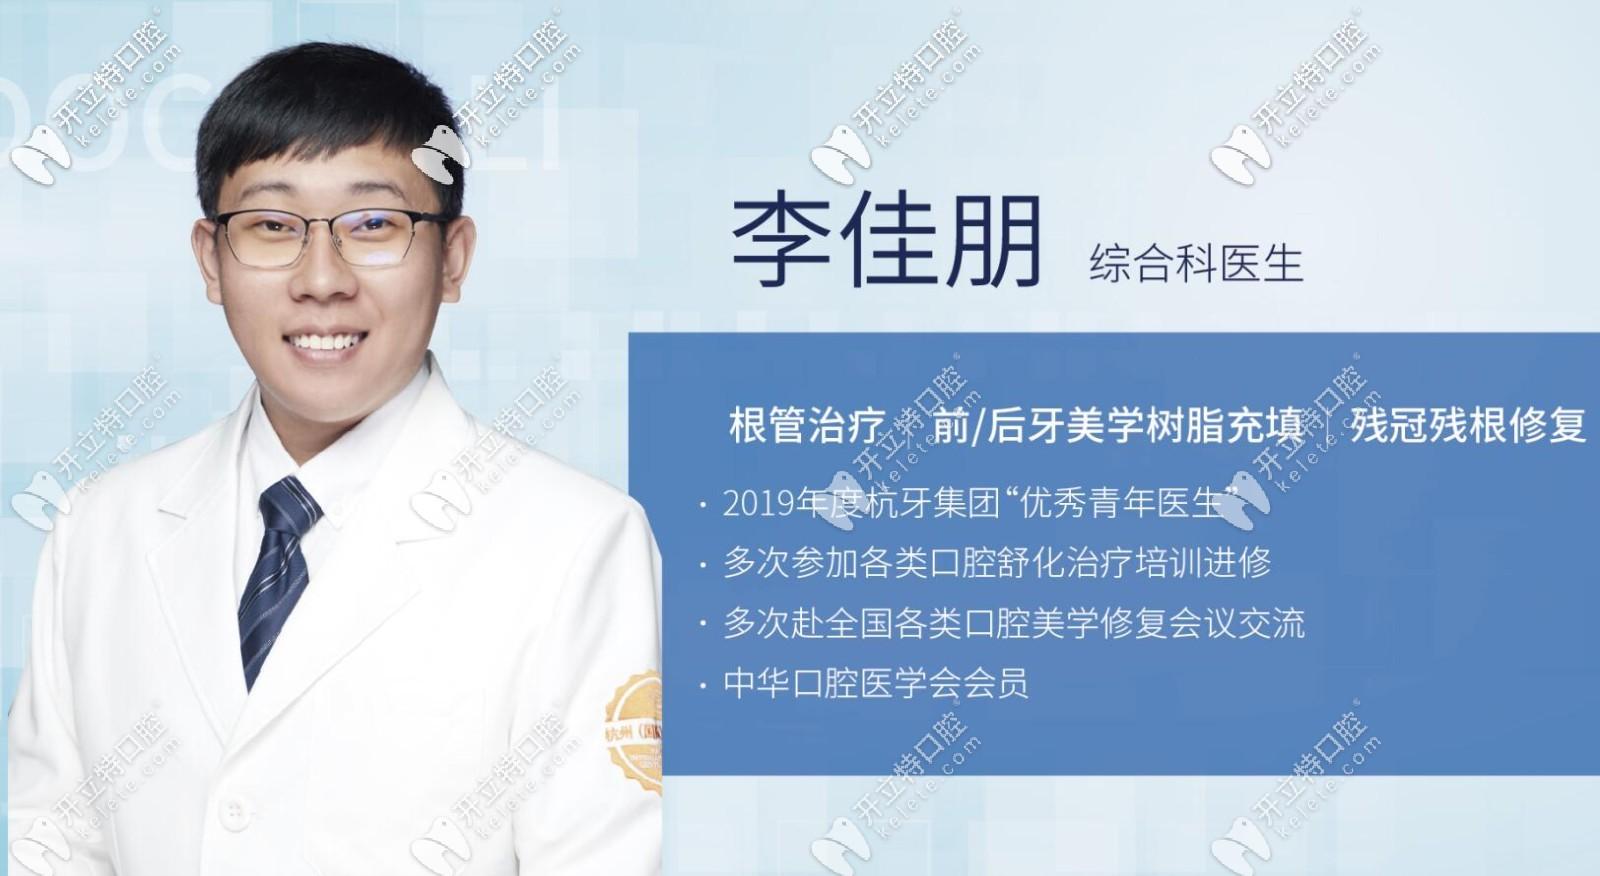 杭州(国际)牙科医院李佳朋